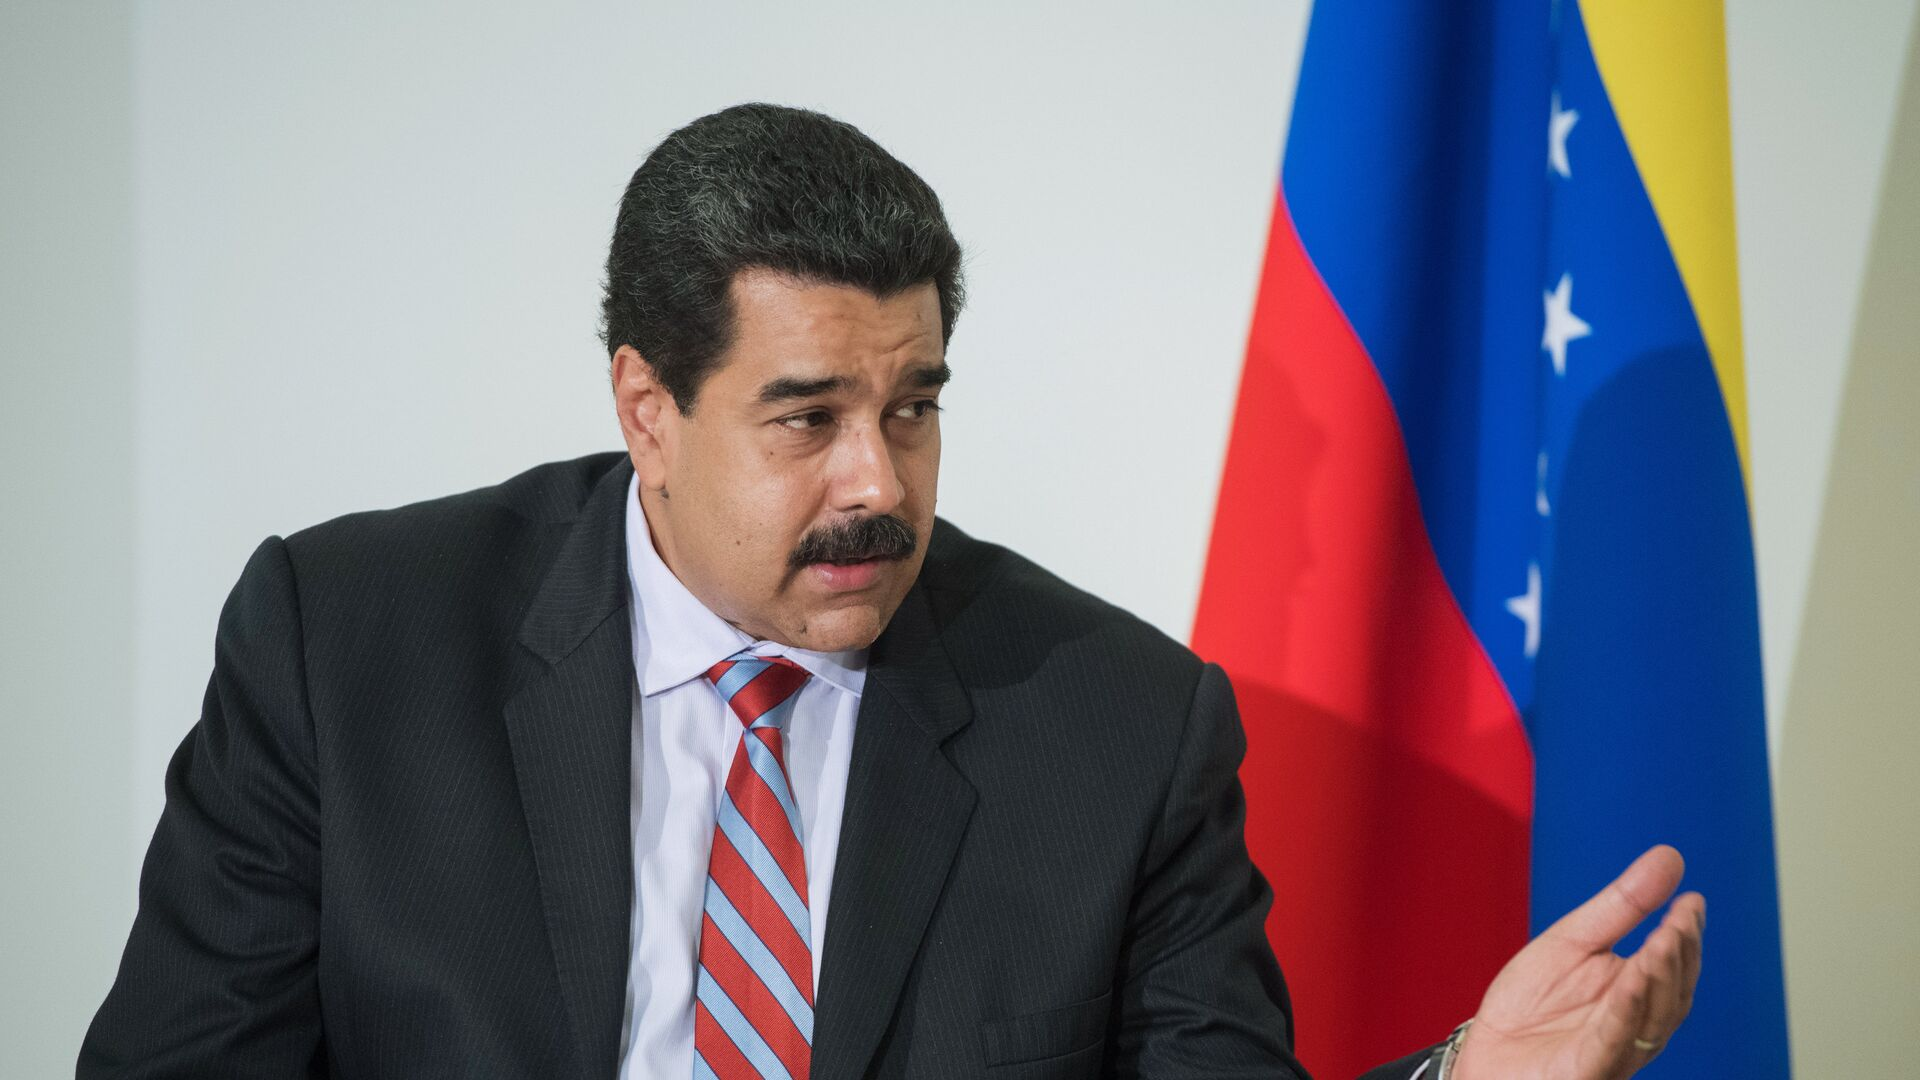 Nicolás Maduro, presidente de Venezuela - Sputnik Mundo, 1920, 10.07.2021